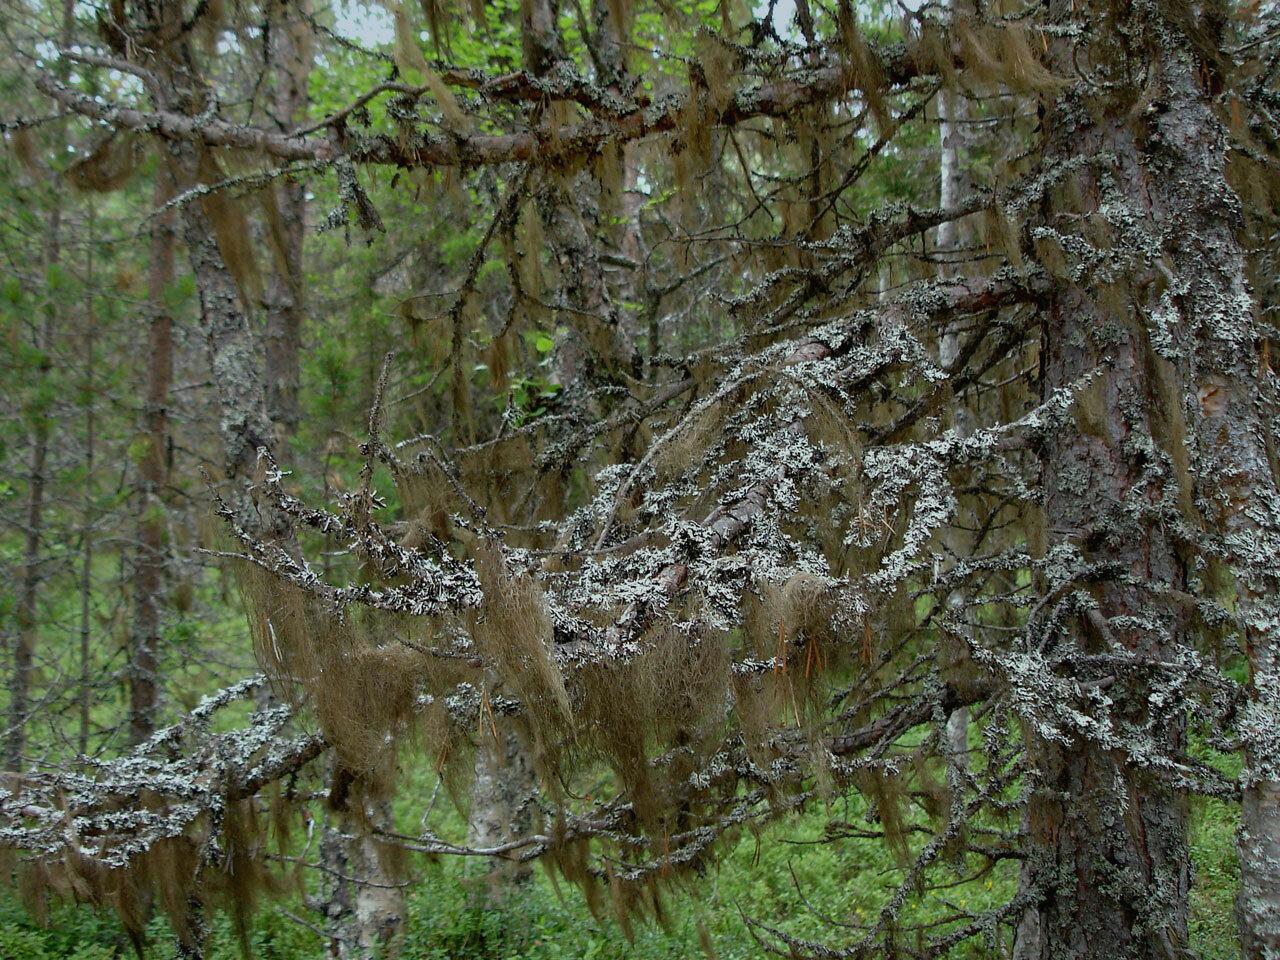 Бриория (Bryoria sp.) и Гипогимния (Hypogymnia sp.). Автор фото: Юрий Семенов